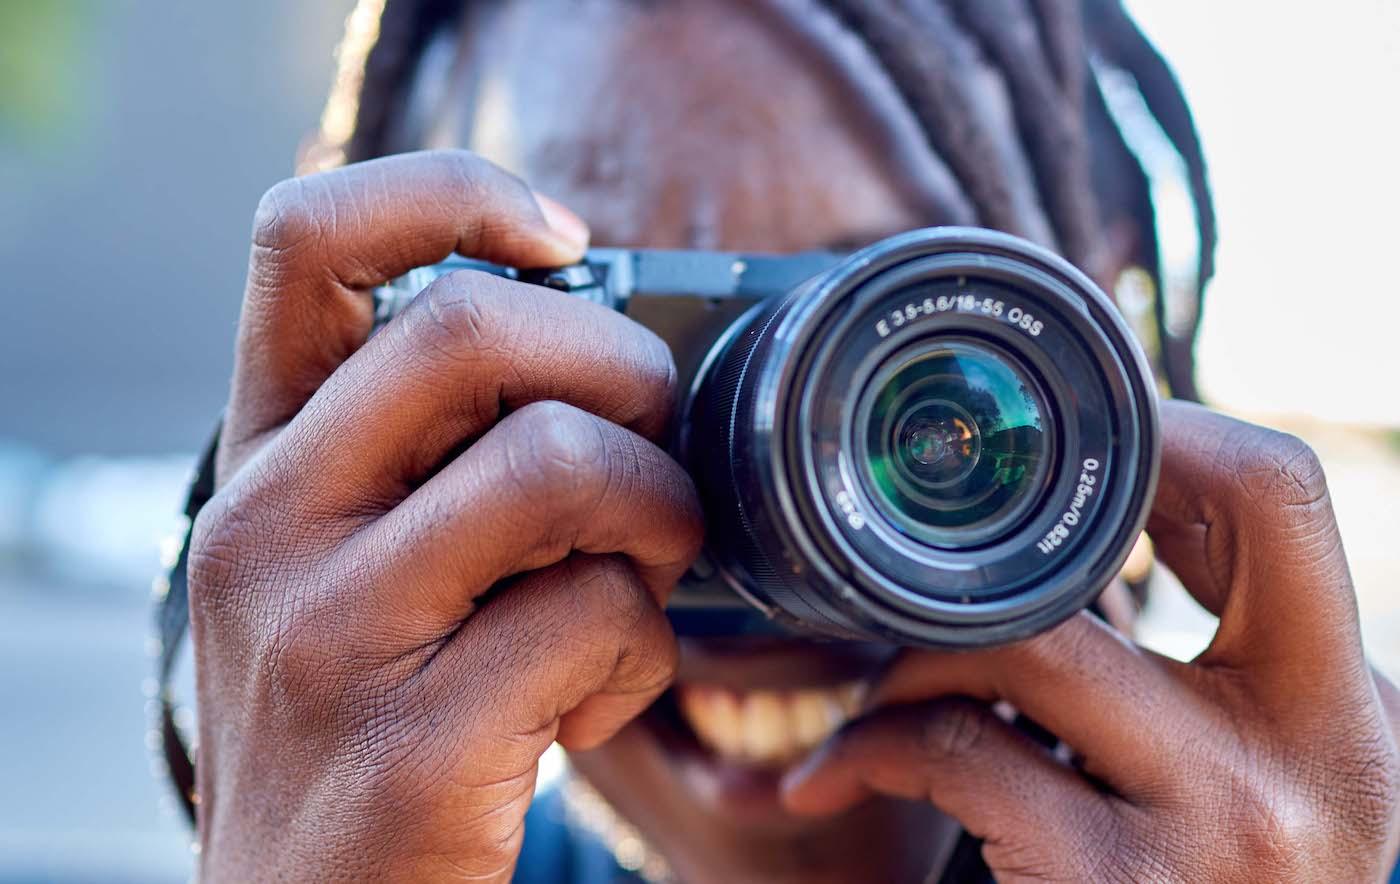 Young man using camera, Kudakwashe Mushauri